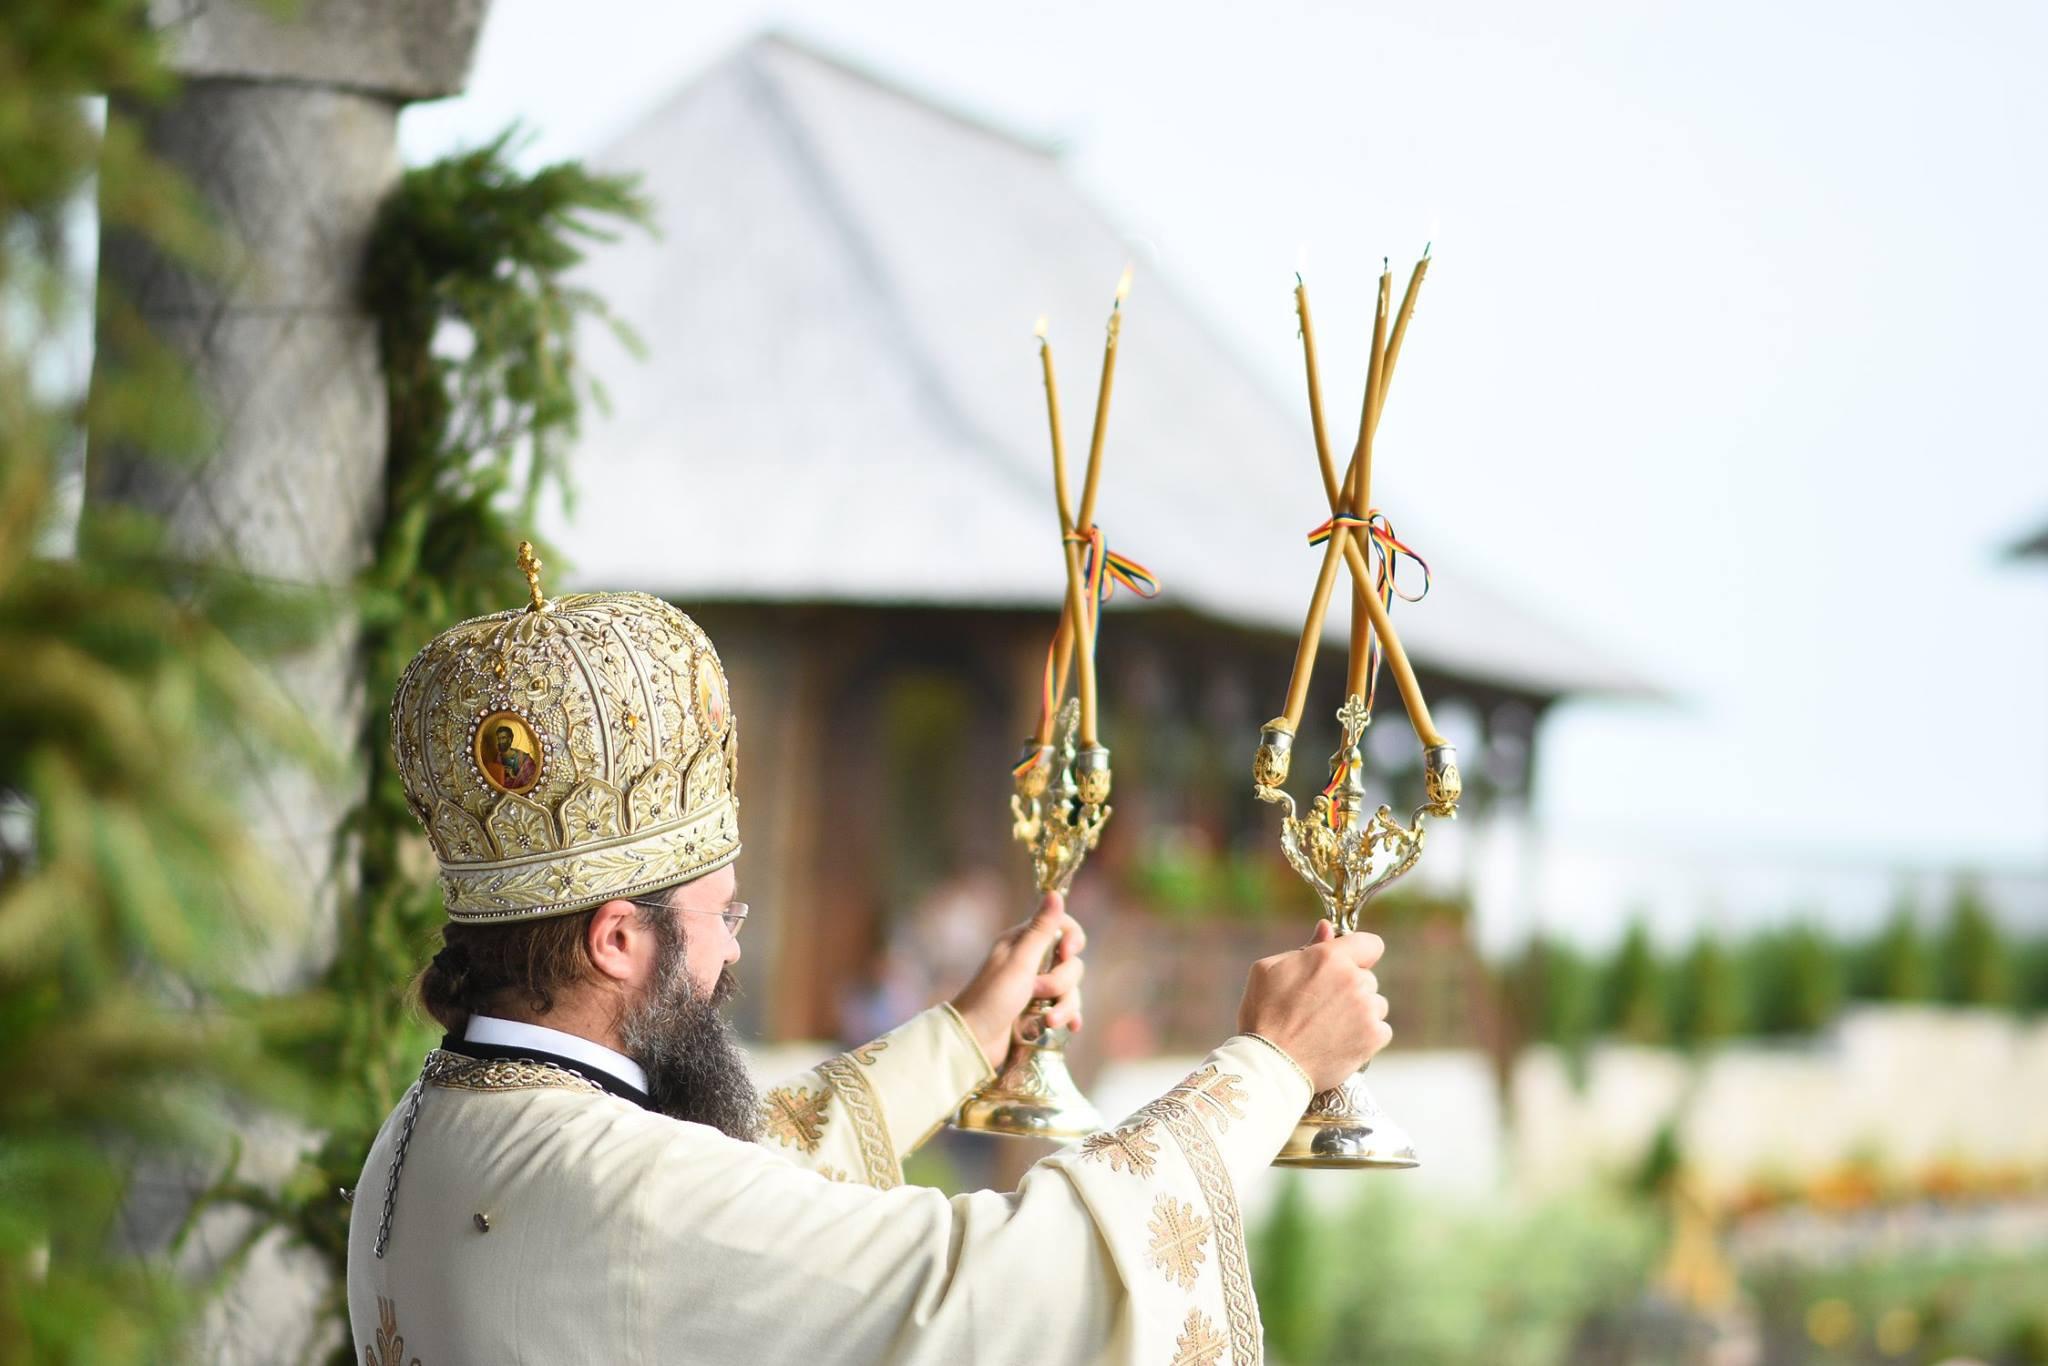 La praznicul Schimbării la Față a Domnului, 6 august 2017, Preasfințitul Părinte Episcop Macarie Drăgoi al Europei de Nord a slujit, cu prilejul hramului, la Mănăstirea Petrești, de lângă Cheile Turzii din județul Cluj.